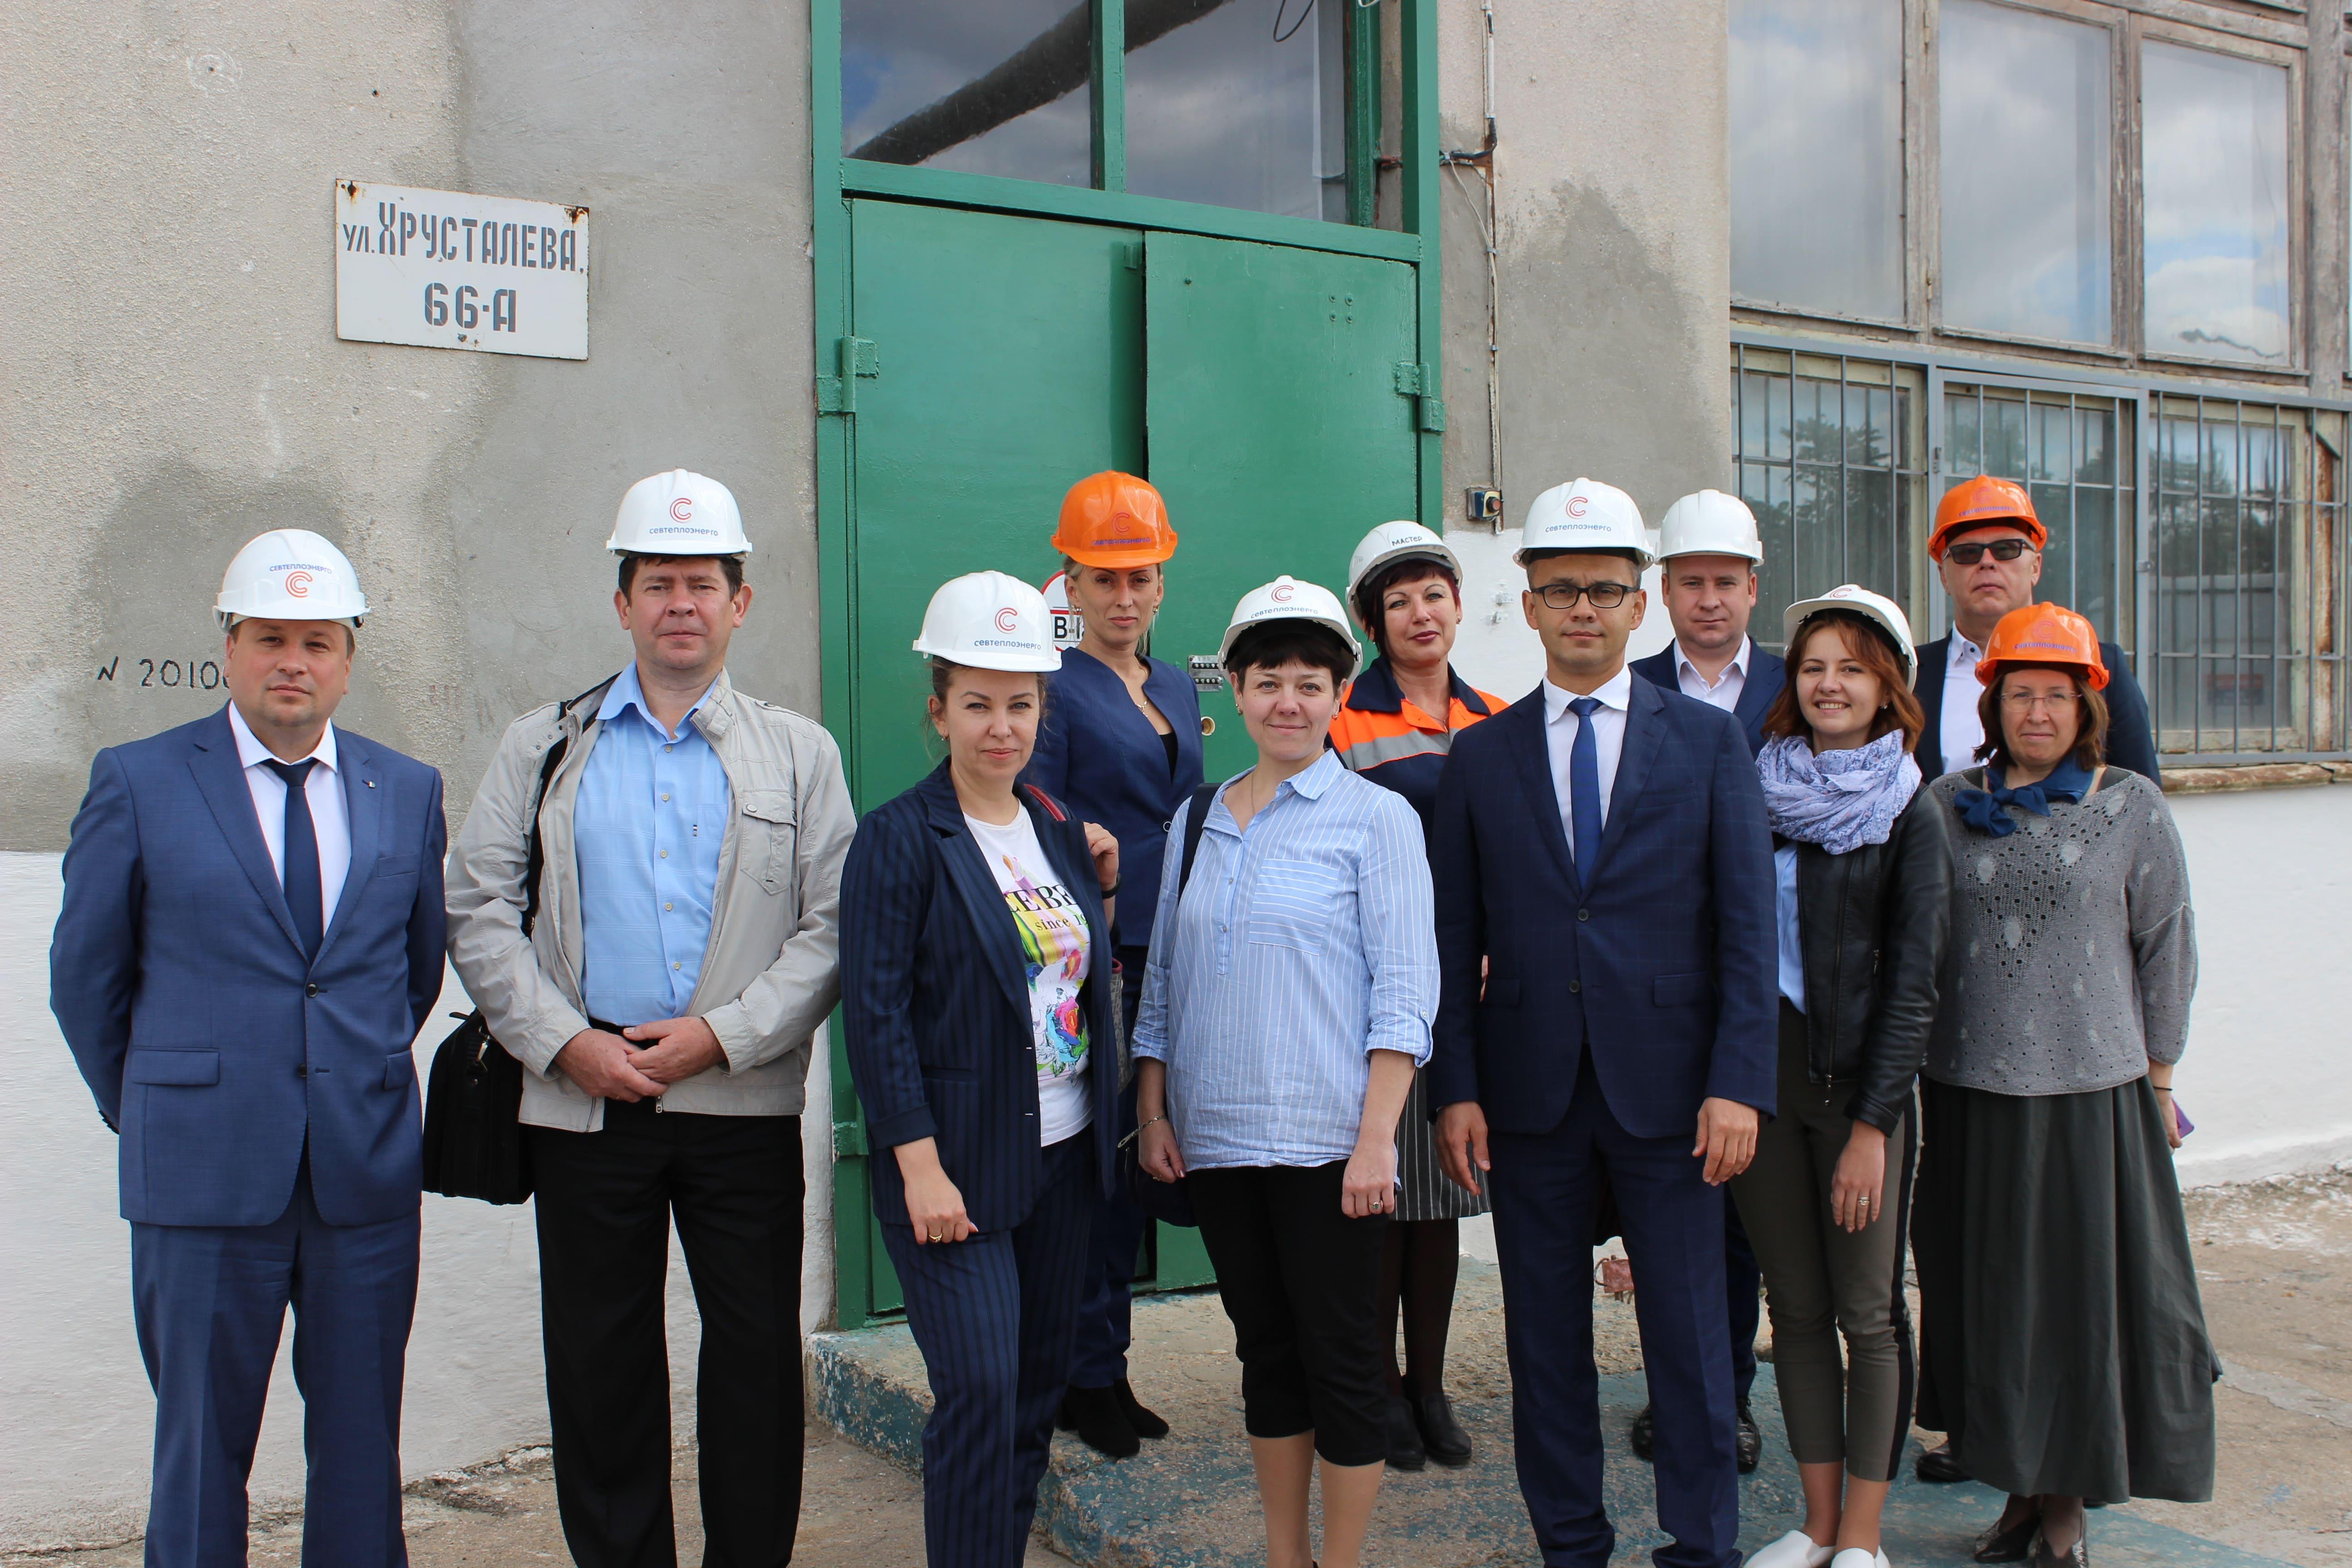 Новосибирская делегация представителей ЖКХ познакомилась с работой «Севтеплоэнерго»